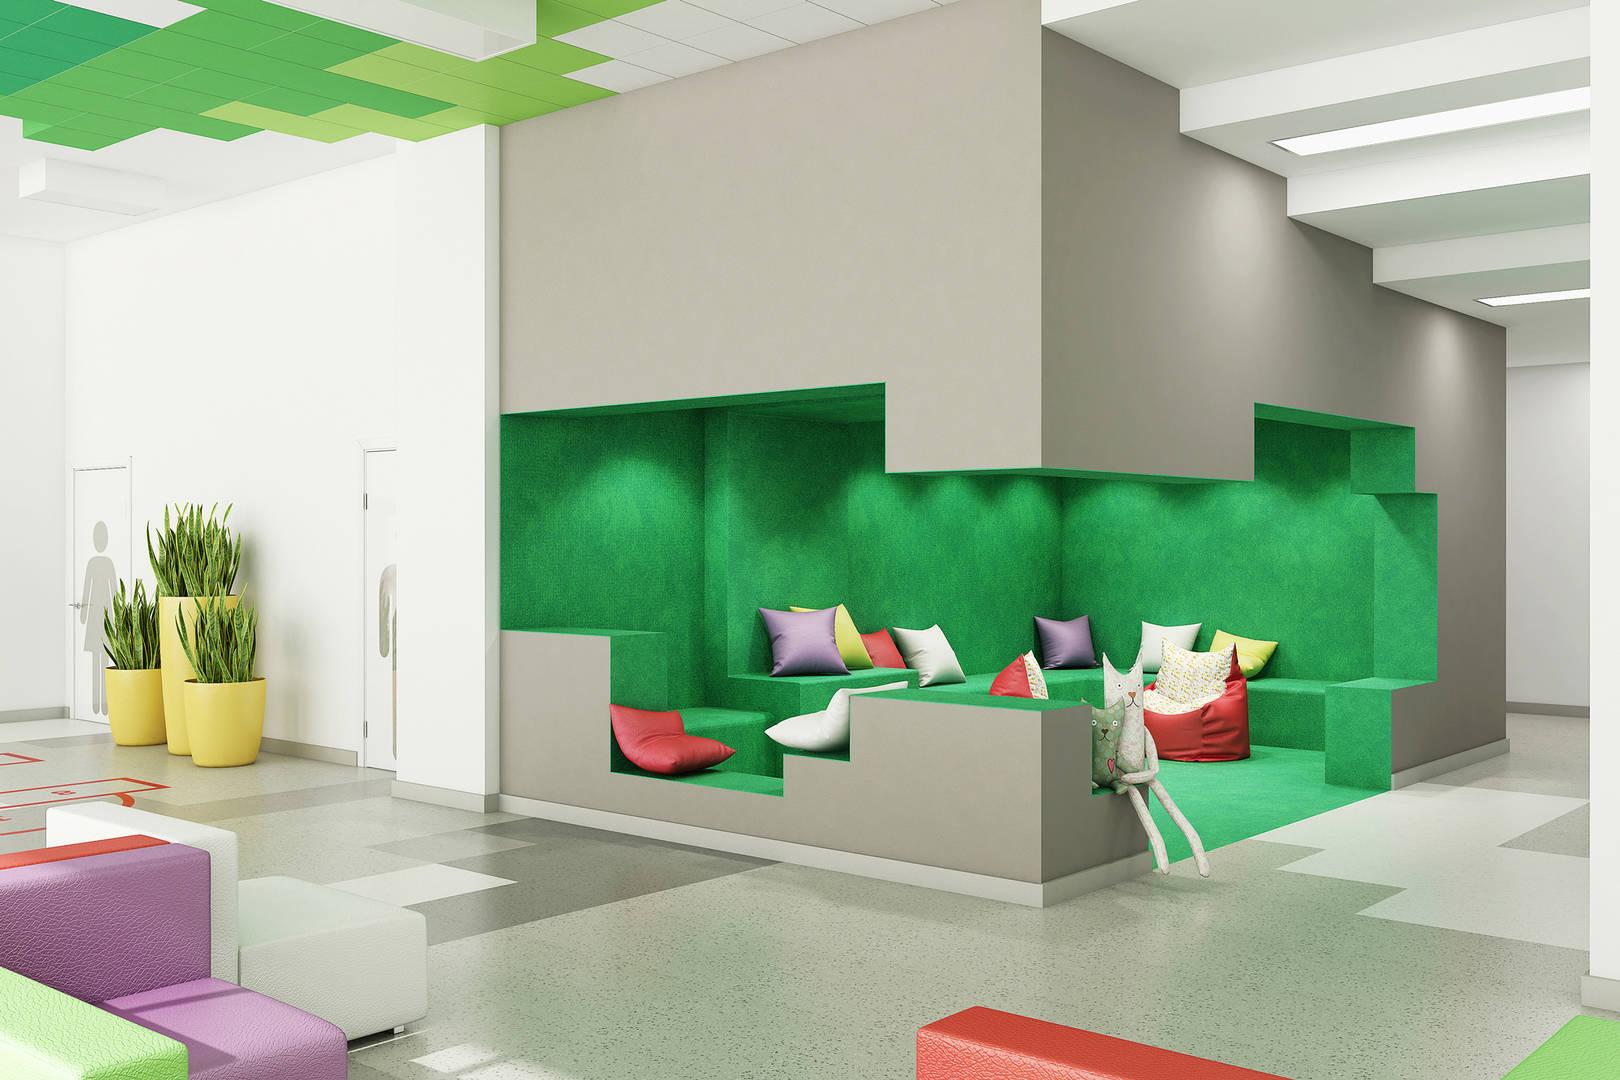 холл. зеленая игровая